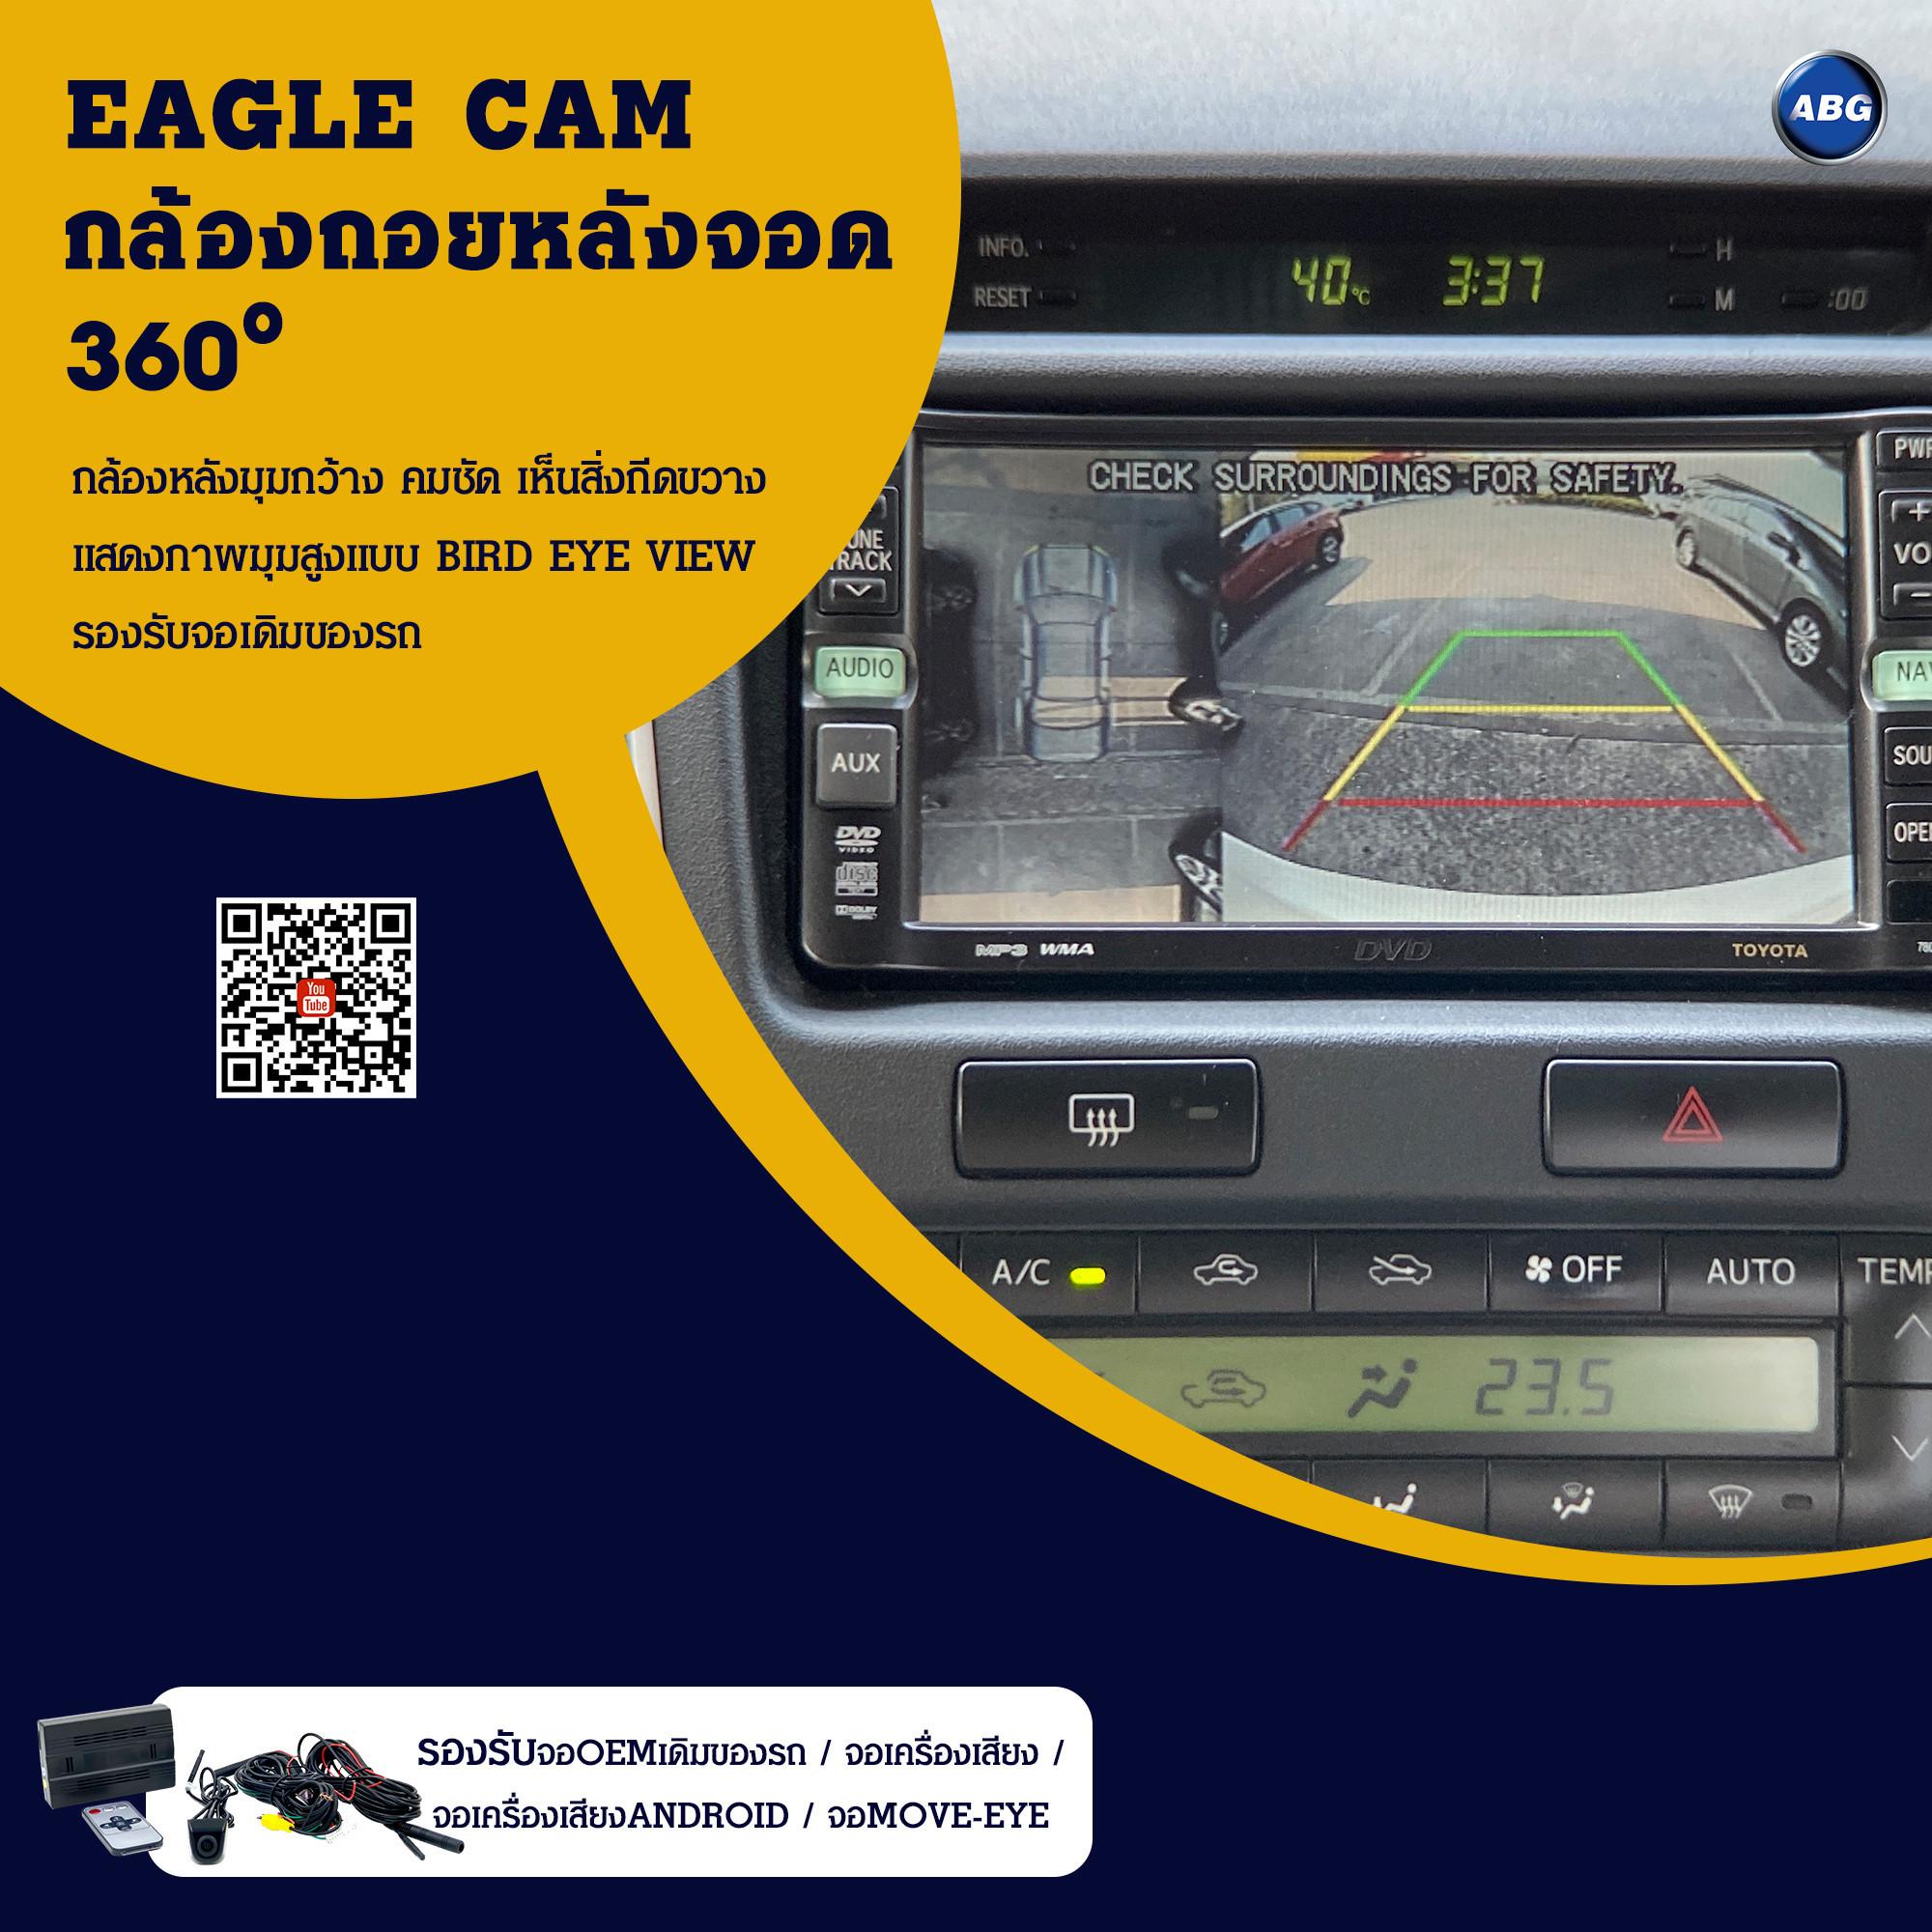 กล้องมองหลังสำหรับถอย แบบ 360 องศา มุมมองBIRD EYE VIEW